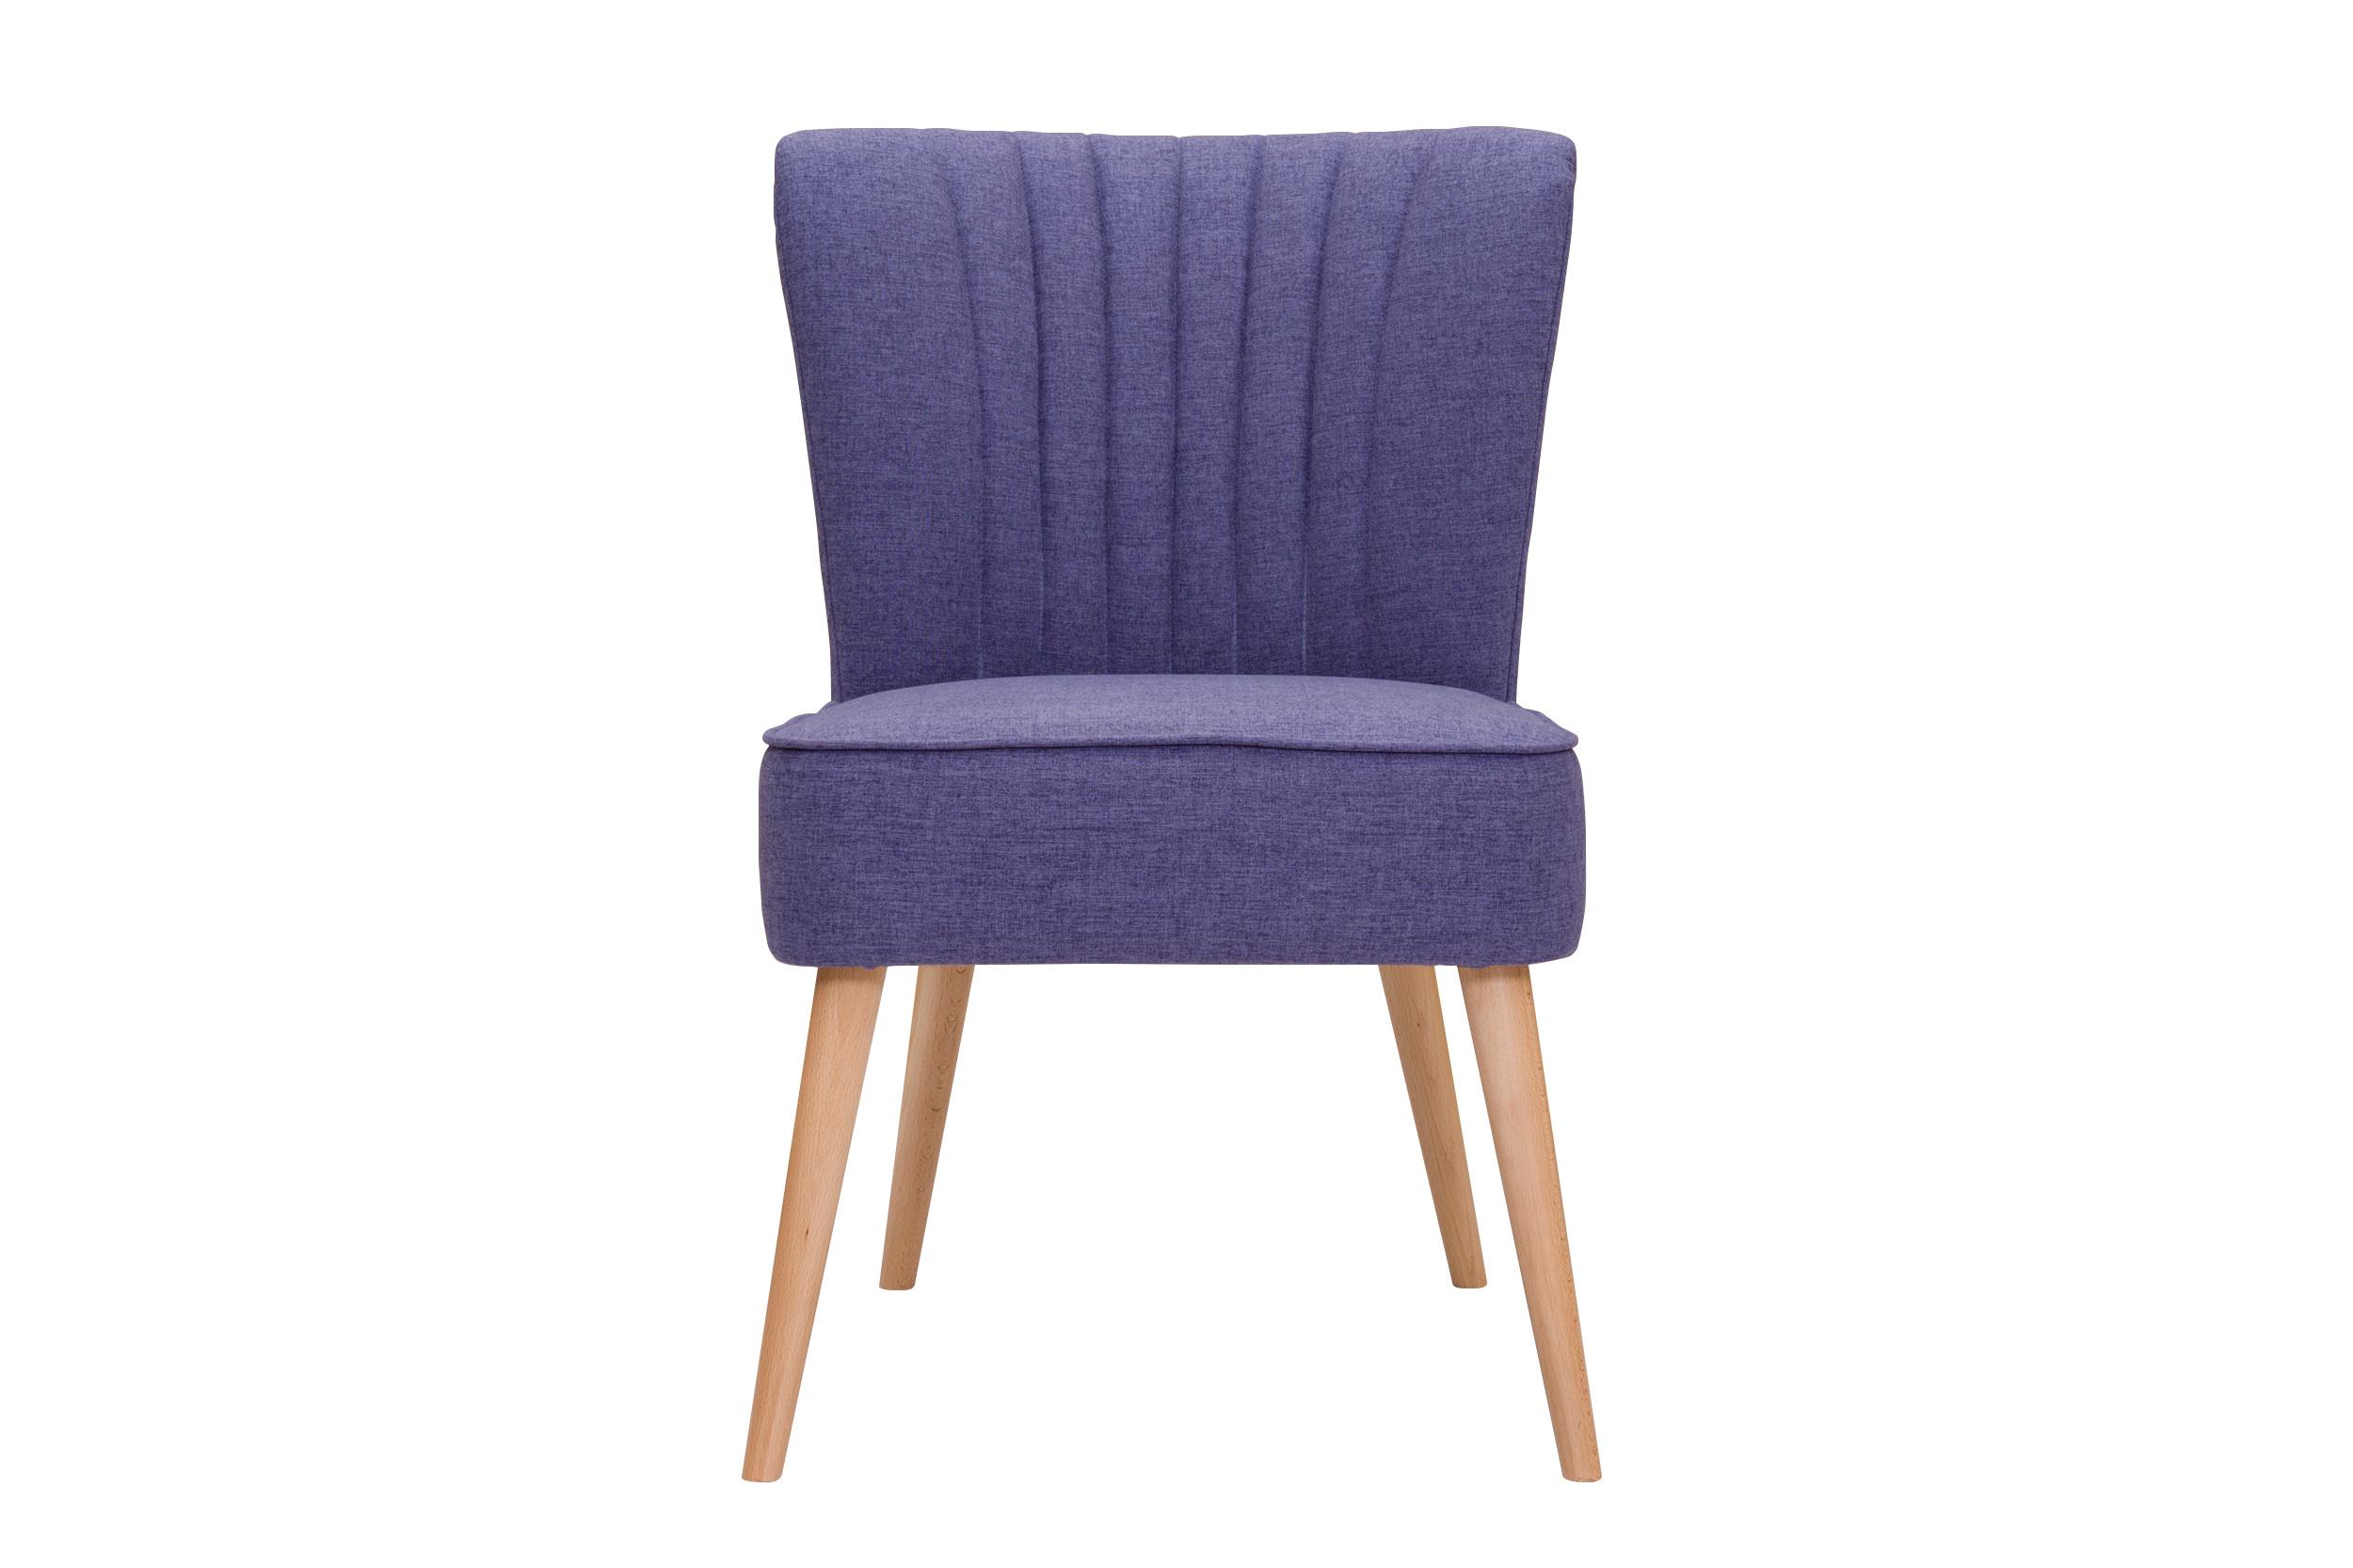 Стул UppsalaОбеденные стулья<br>&amp;lt;div&amp;gt;&amp;lt;div style=&amp;quot;font-size: 14px;&amp;quot;&amp;gt;Оригинальный стул &amp;quot;Uppsala&amp;quot; несомненно станет украшением помещения и прекрасно впишется в любой интерьер. Удобная спинка станет подспорьем в длительных переговорах, дружеских посиделках и застольях.&amp;lt;br&amp;gt;&amp;lt;/div&amp;gt;&amp;lt;div style=&amp;quot;font-size: 14px;&amp;quot;&amp;gt;&amp;lt;br&amp;gt;&amp;lt;/div&amp;gt;&amp;lt;div style=&amp;quot;font-size: 14px;&amp;quot;&amp;gt;Ножки из бука.&amp;lt;/div&amp;gt;&amp;lt;div style=&amp;quot;font-size: 14px;&amp;quot;&amp;gt;Ткань: рогожка (устойчивая к стиранию, 26 000 циклов)&amp;lt;/div&amp;gt;&amp;lt;div style=&amp;quot;font-size: 14px;&amp;quot;&amp;gt;Высота сиденья: &amp;amp;nbsp;47см&amp;lt;/div&amp;gt;&amp;lt;div style=&amp;quot;font-size: 14px;&amp;quot;&amp;gt;Возможно изготовление в других цветах и обивках. Подробности уточняйте у менеджера.&amp;lt;/div&amp;gt;&amp;lt;/div&amp;gt;<br><br>Material: Текстиль<br>Ширина см: 57<br>Высота см: 86<br>Глубина см: 55